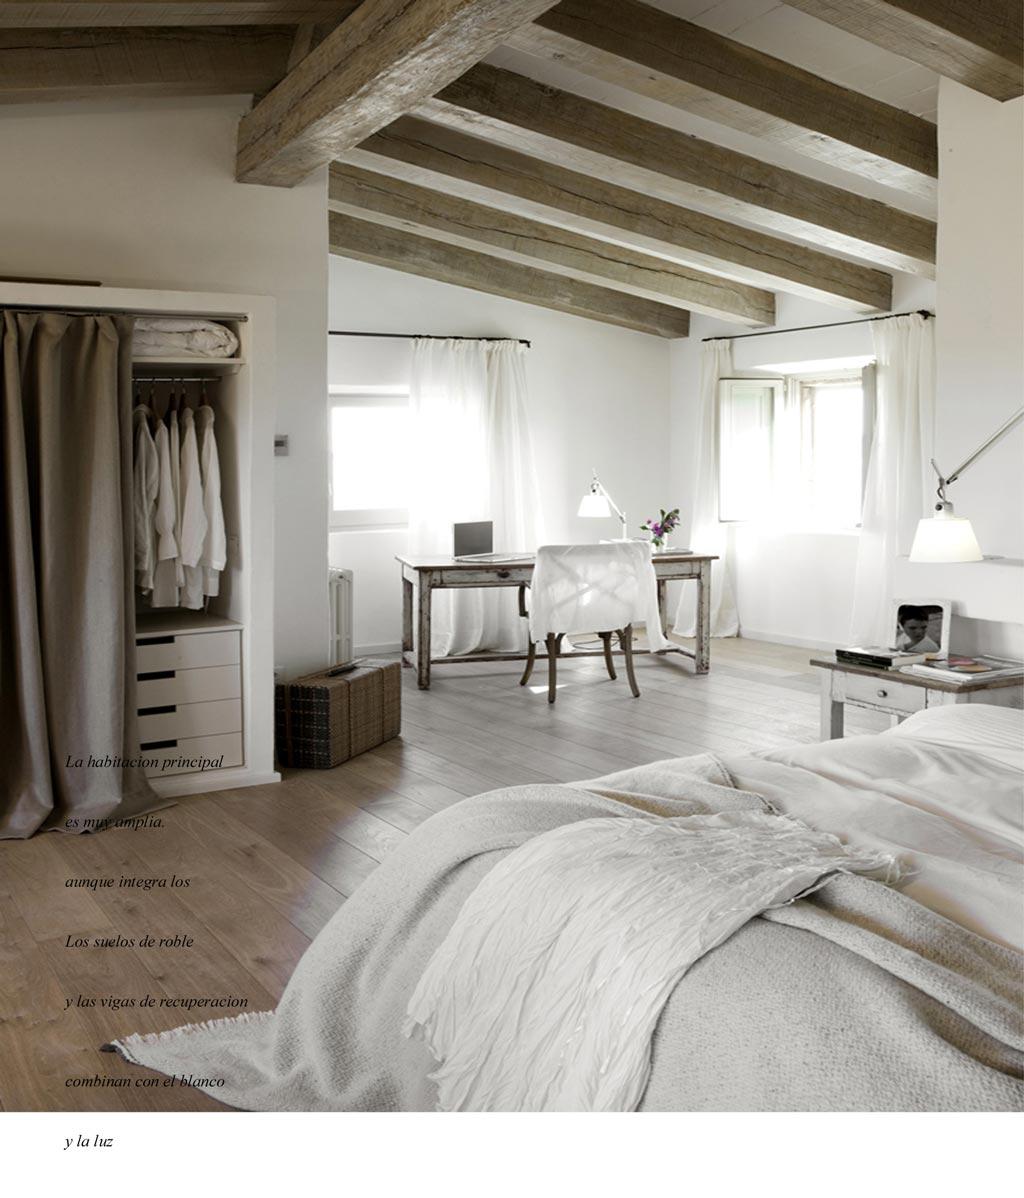 semplice,quasi spartana lu0026#39;amplissima e luminosissima camera da letto ...